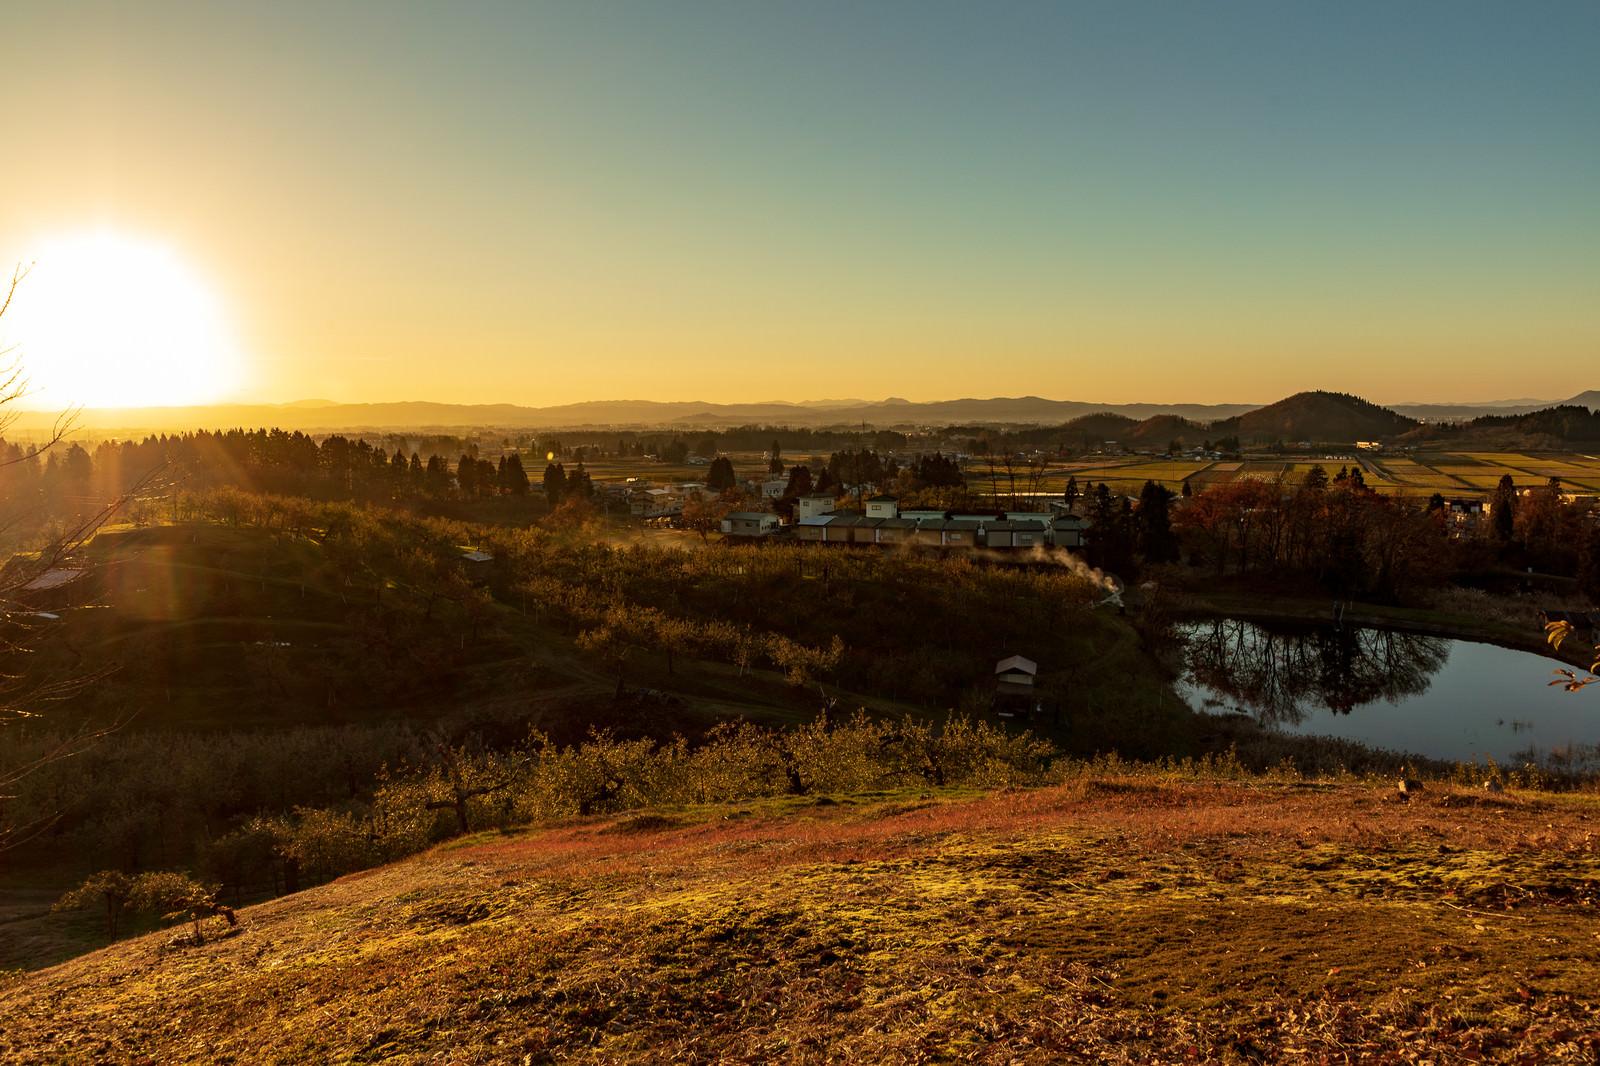 「夕焼けに染まる町並みと夕日」の写真